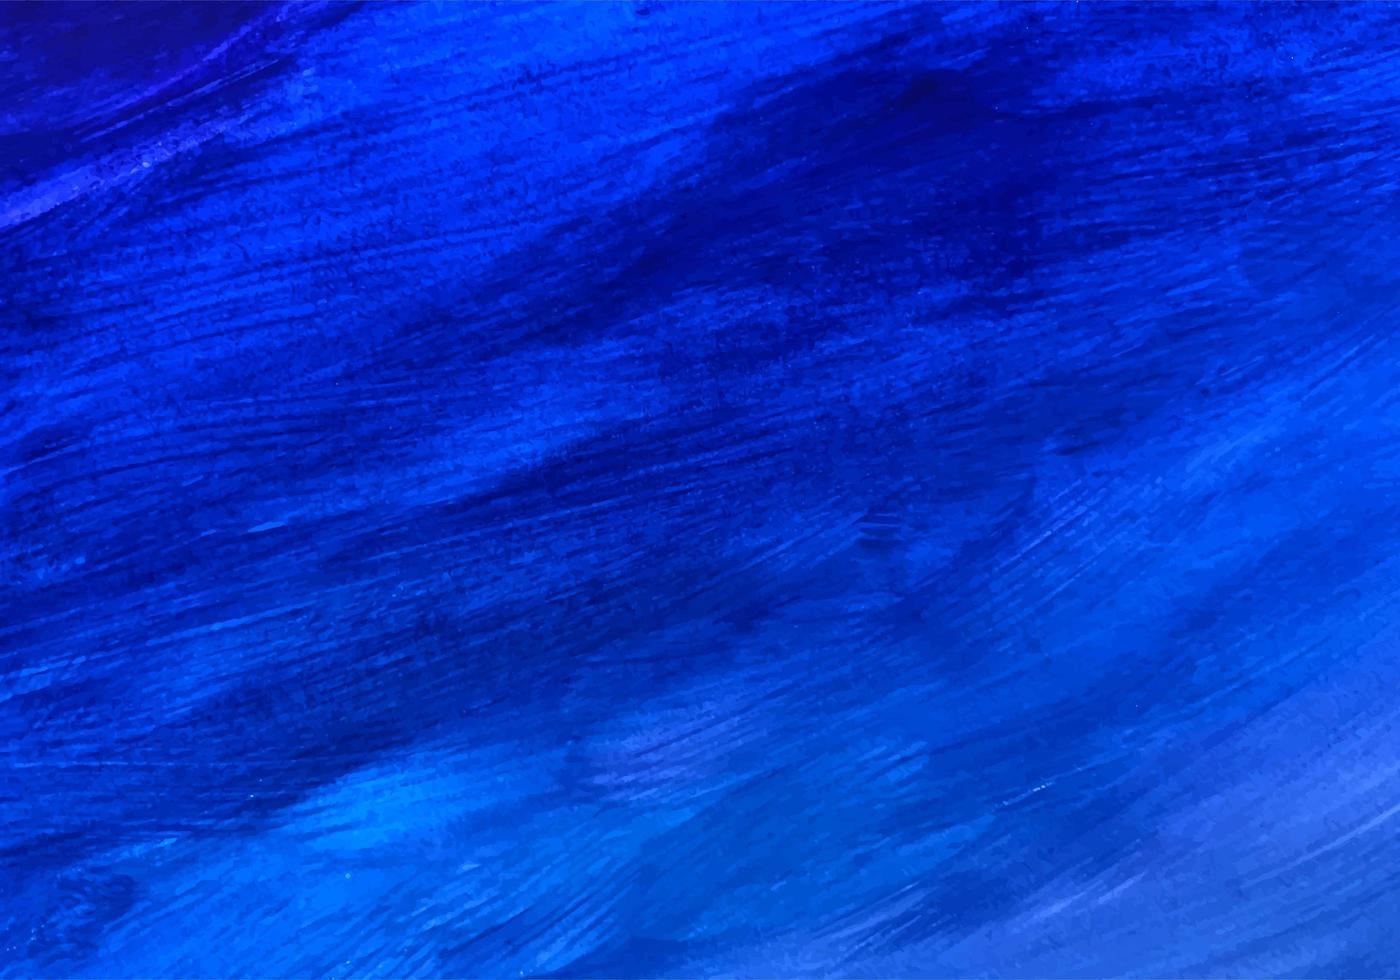 sfondo blu scuro acquerello blu trama vettore